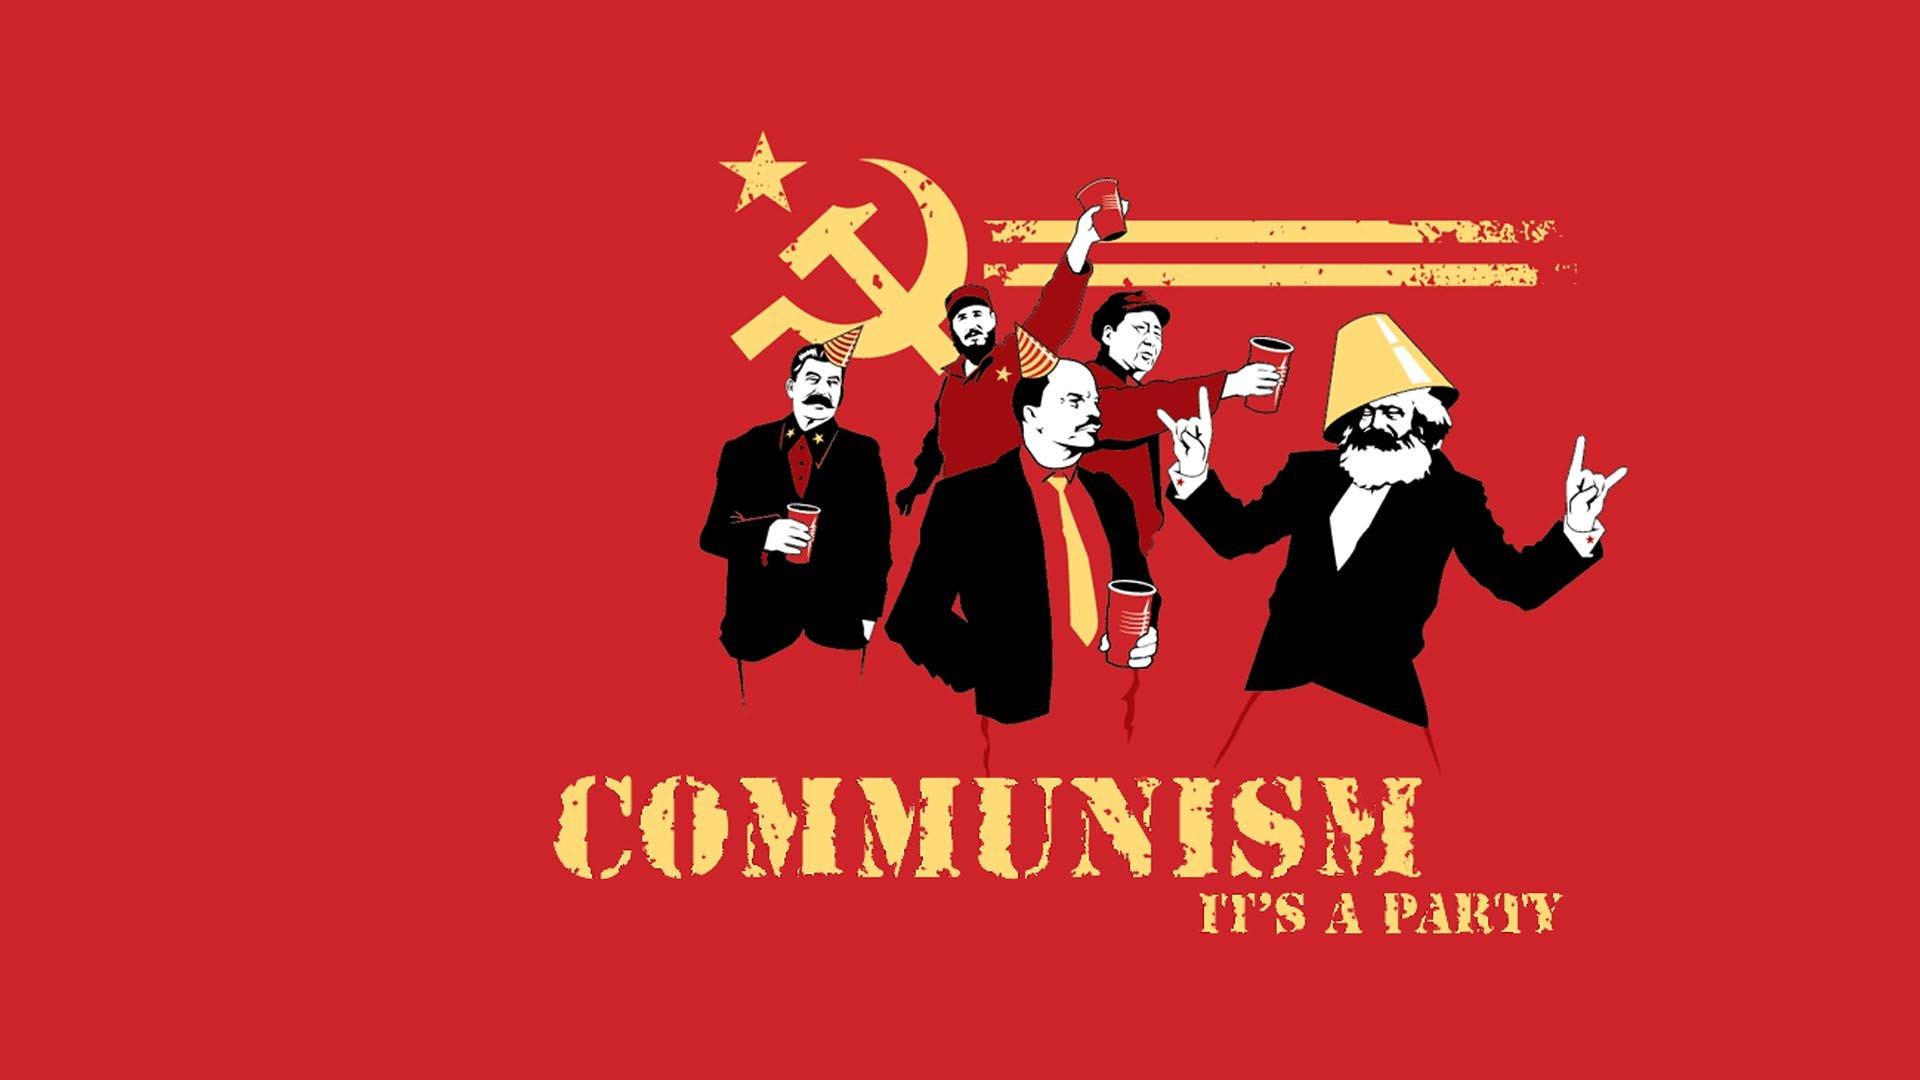 Communism party wallpaper | 1920x1080 | 241853 | WallpaperUP